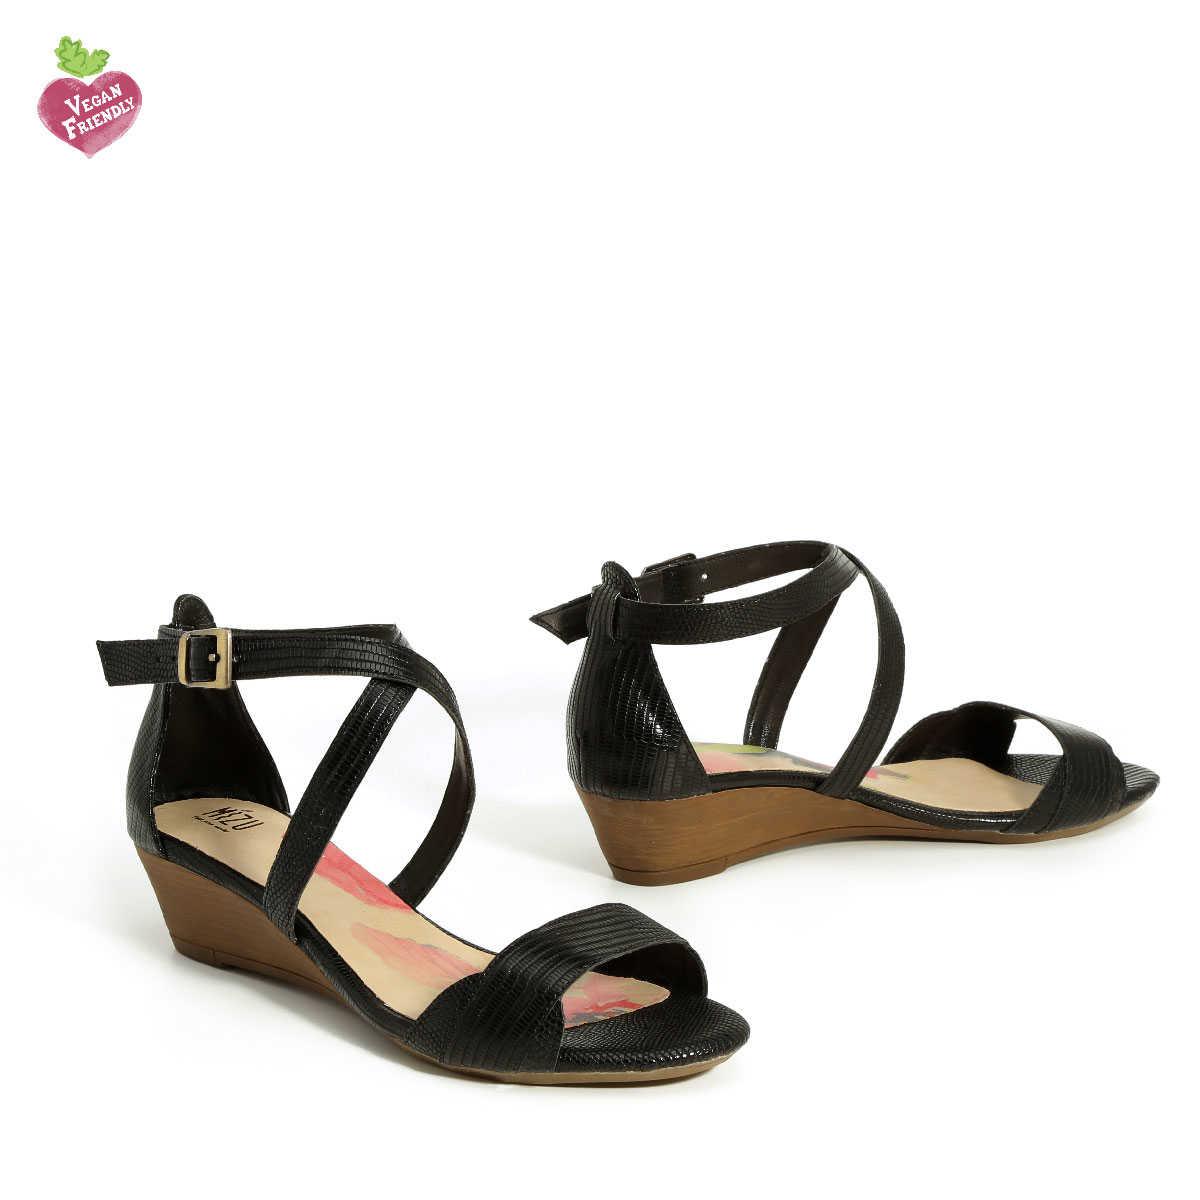 דגם איריס: נעלי עקב טבעוניות בצבע שחור